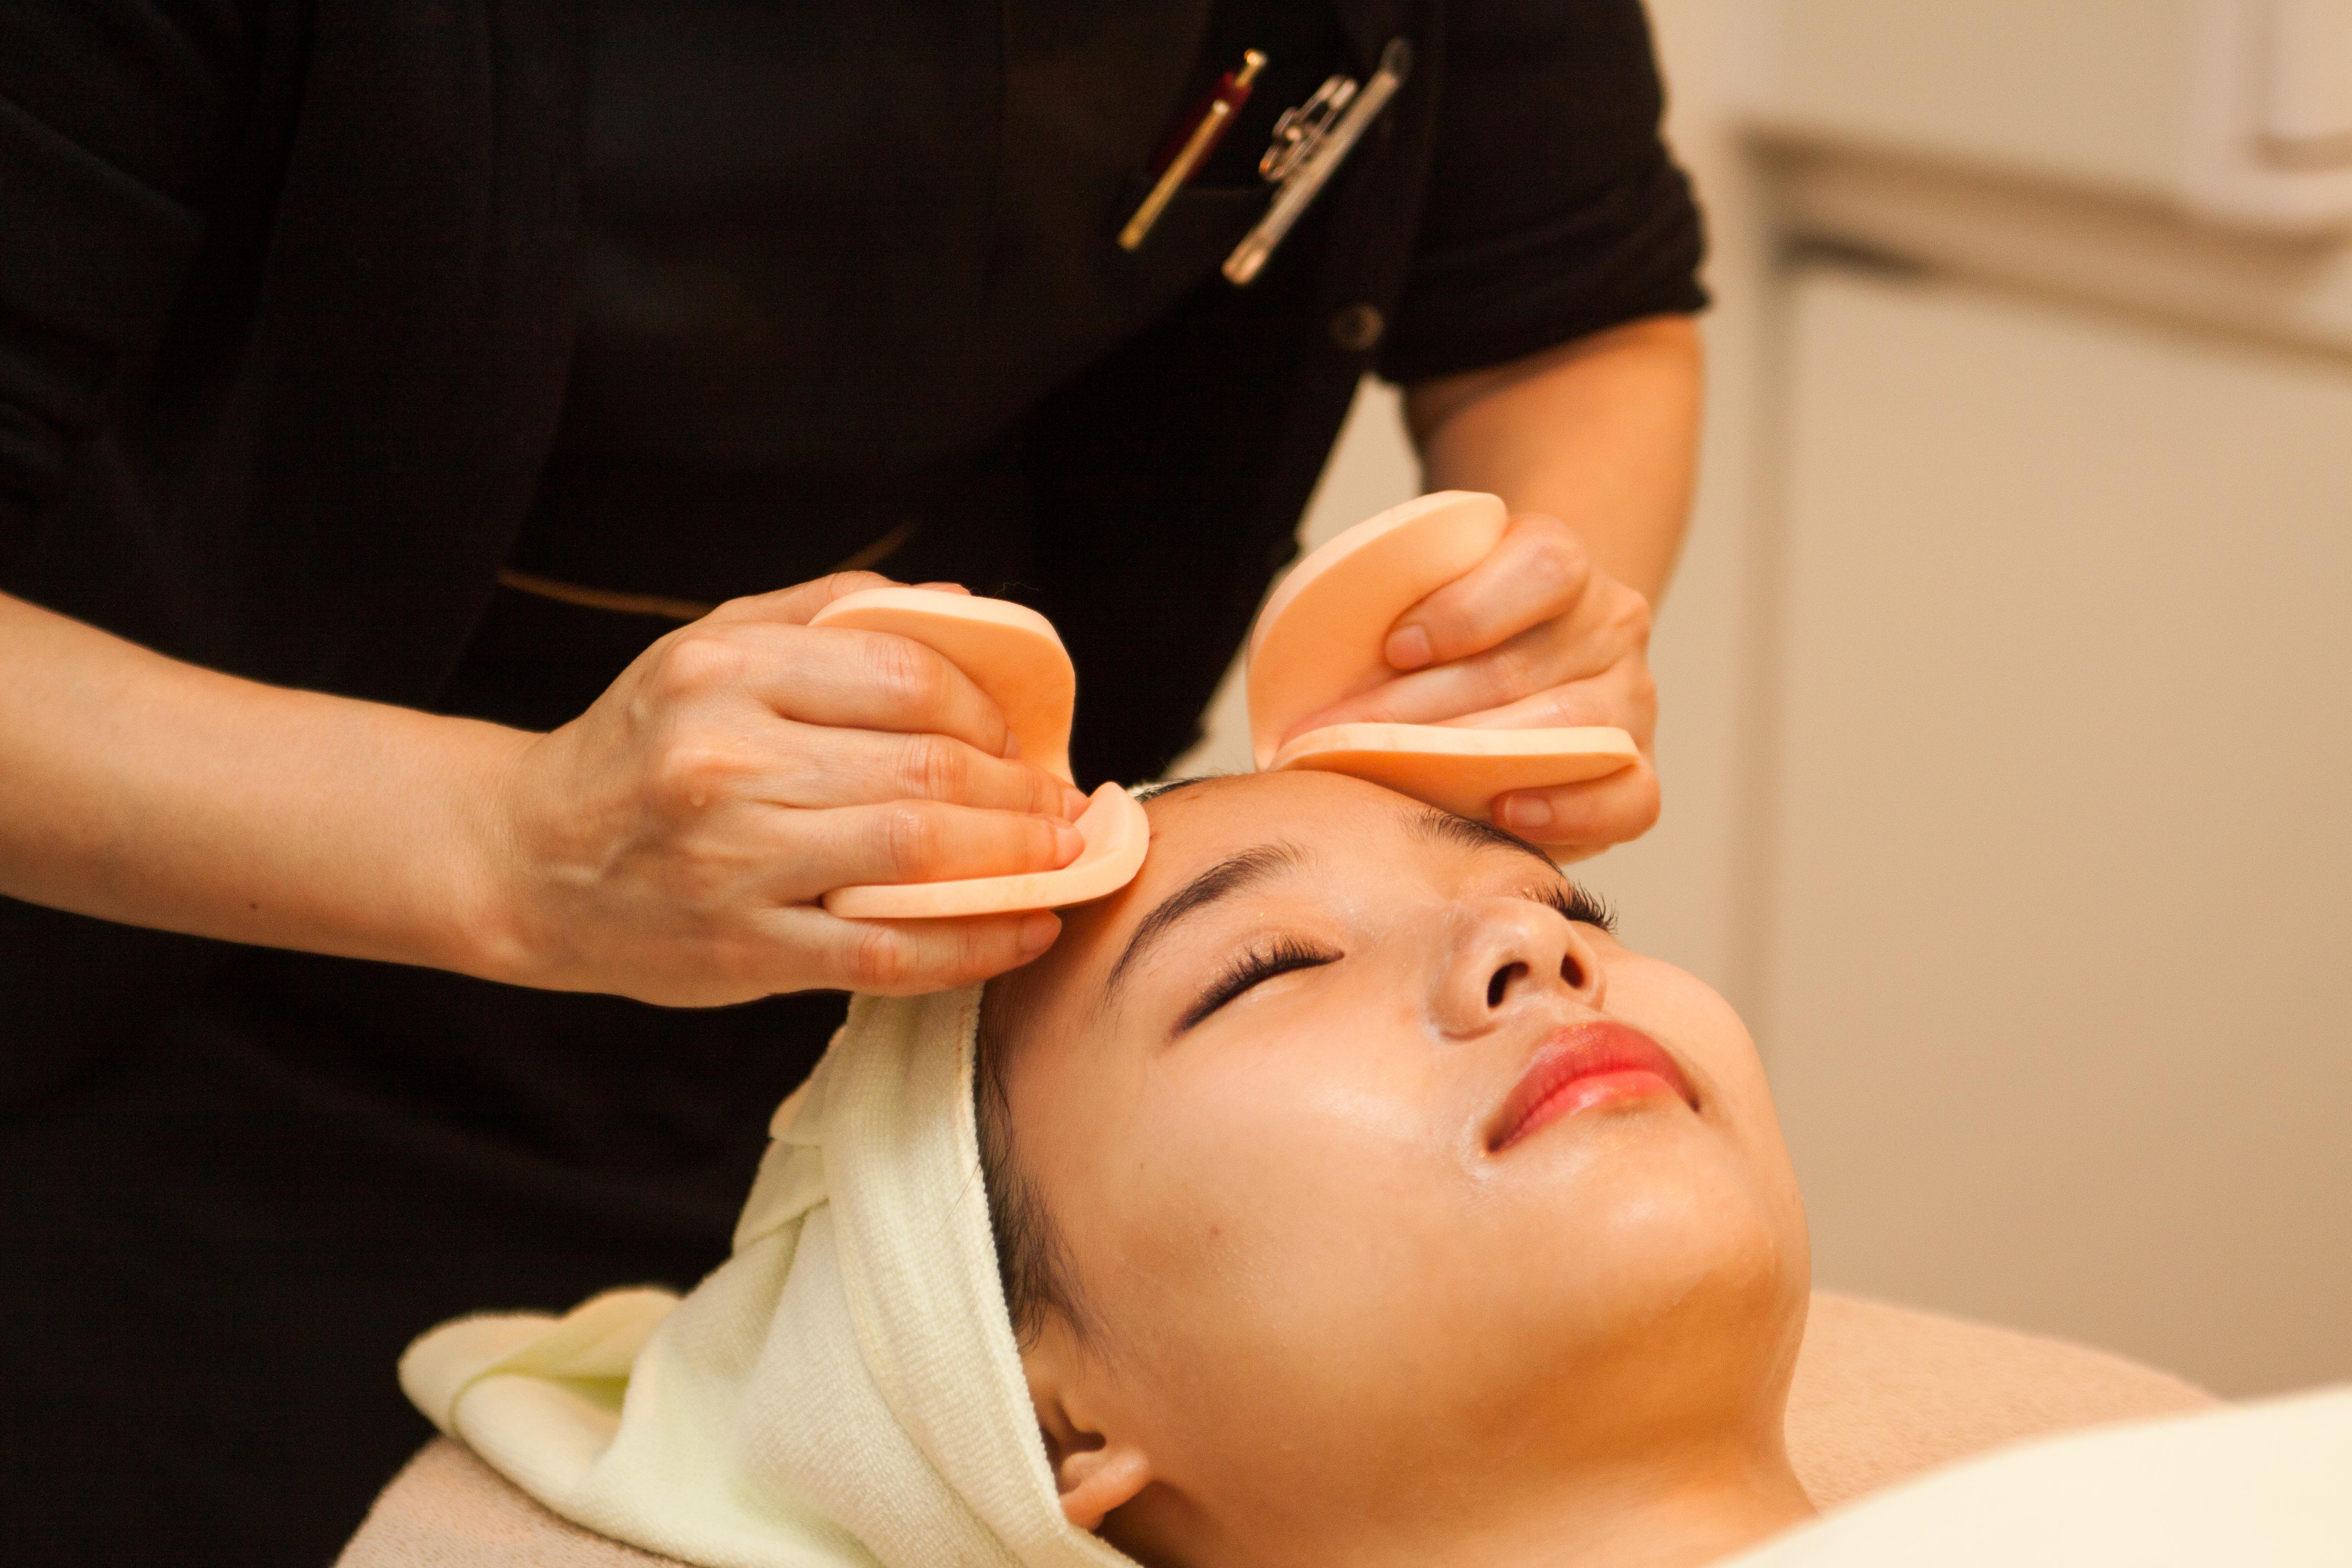 素肌美人をめざそう!松坂屋南館『ファブリス』で女性のための肌に優しいシェービングを体験 - IMG 3576